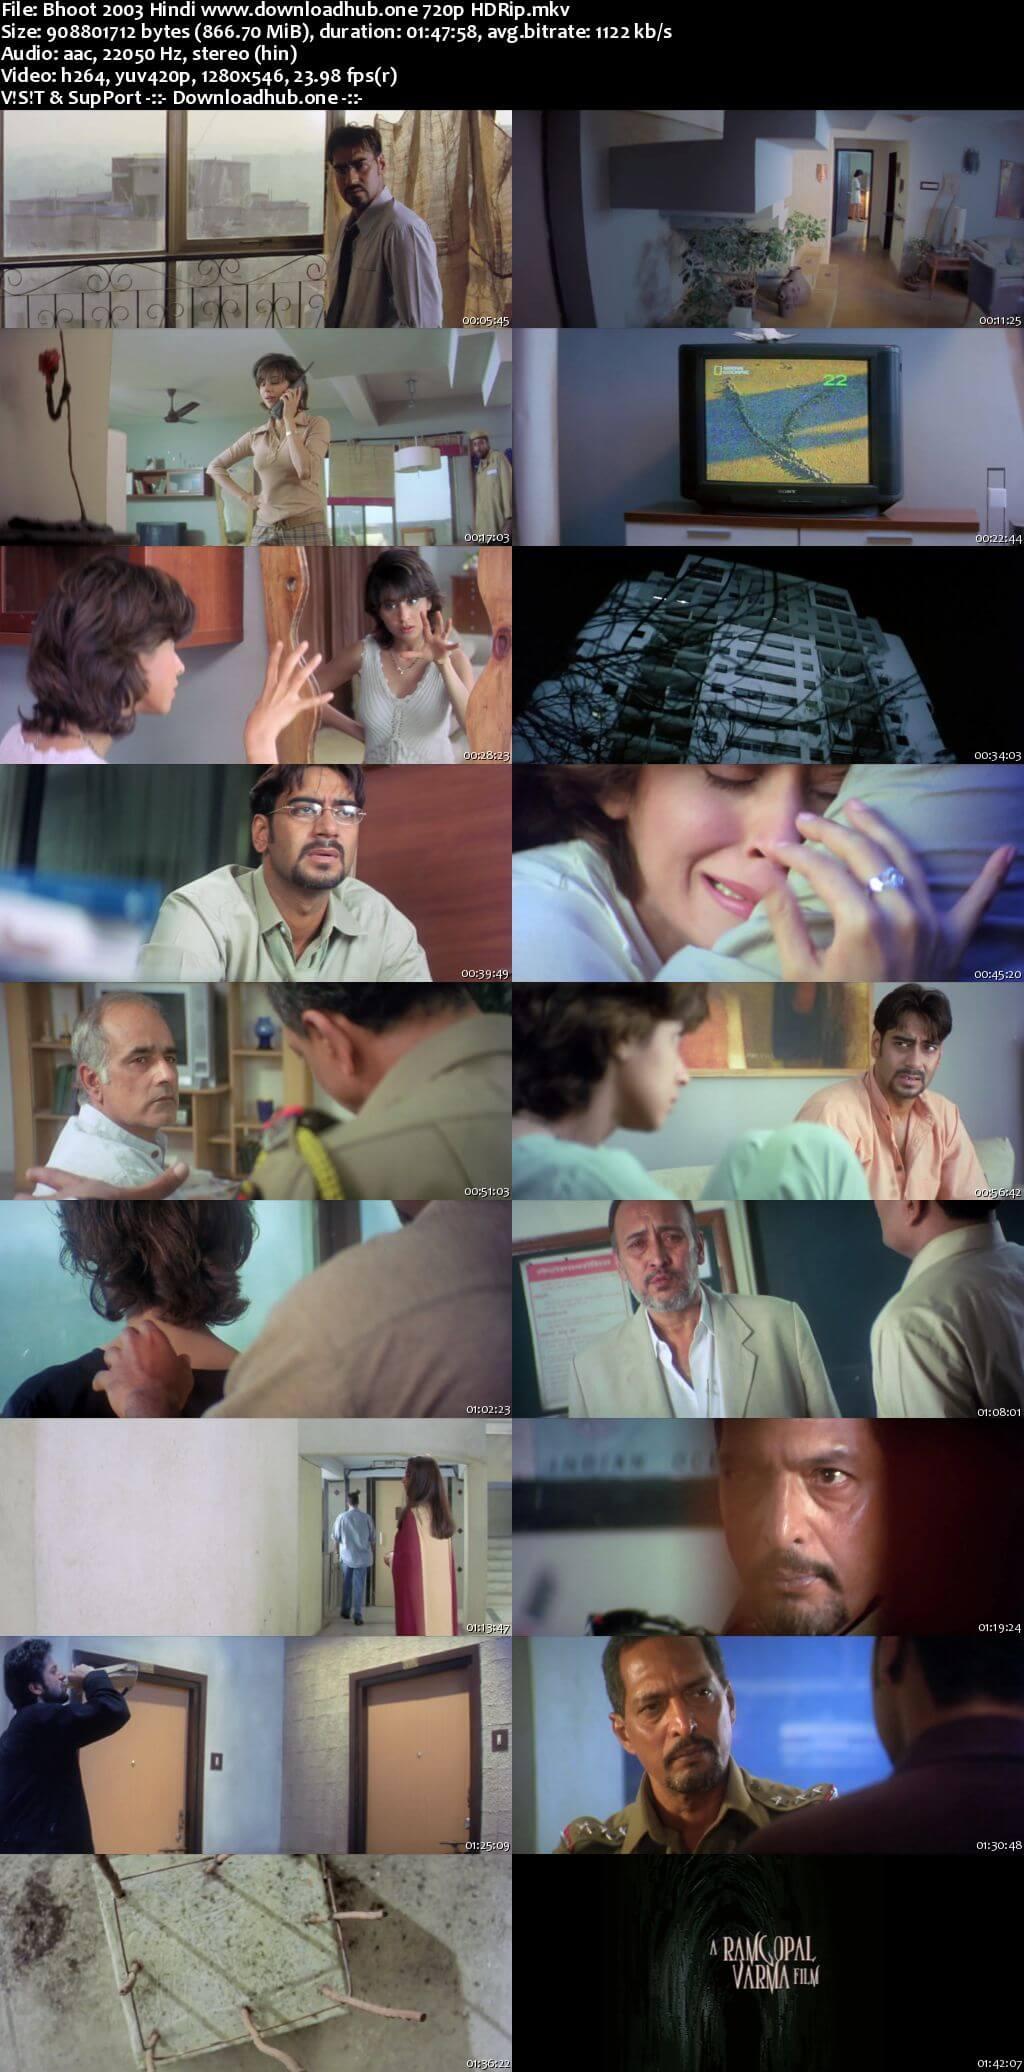 Bhoot 2003 Hindi 720p HDRip x264